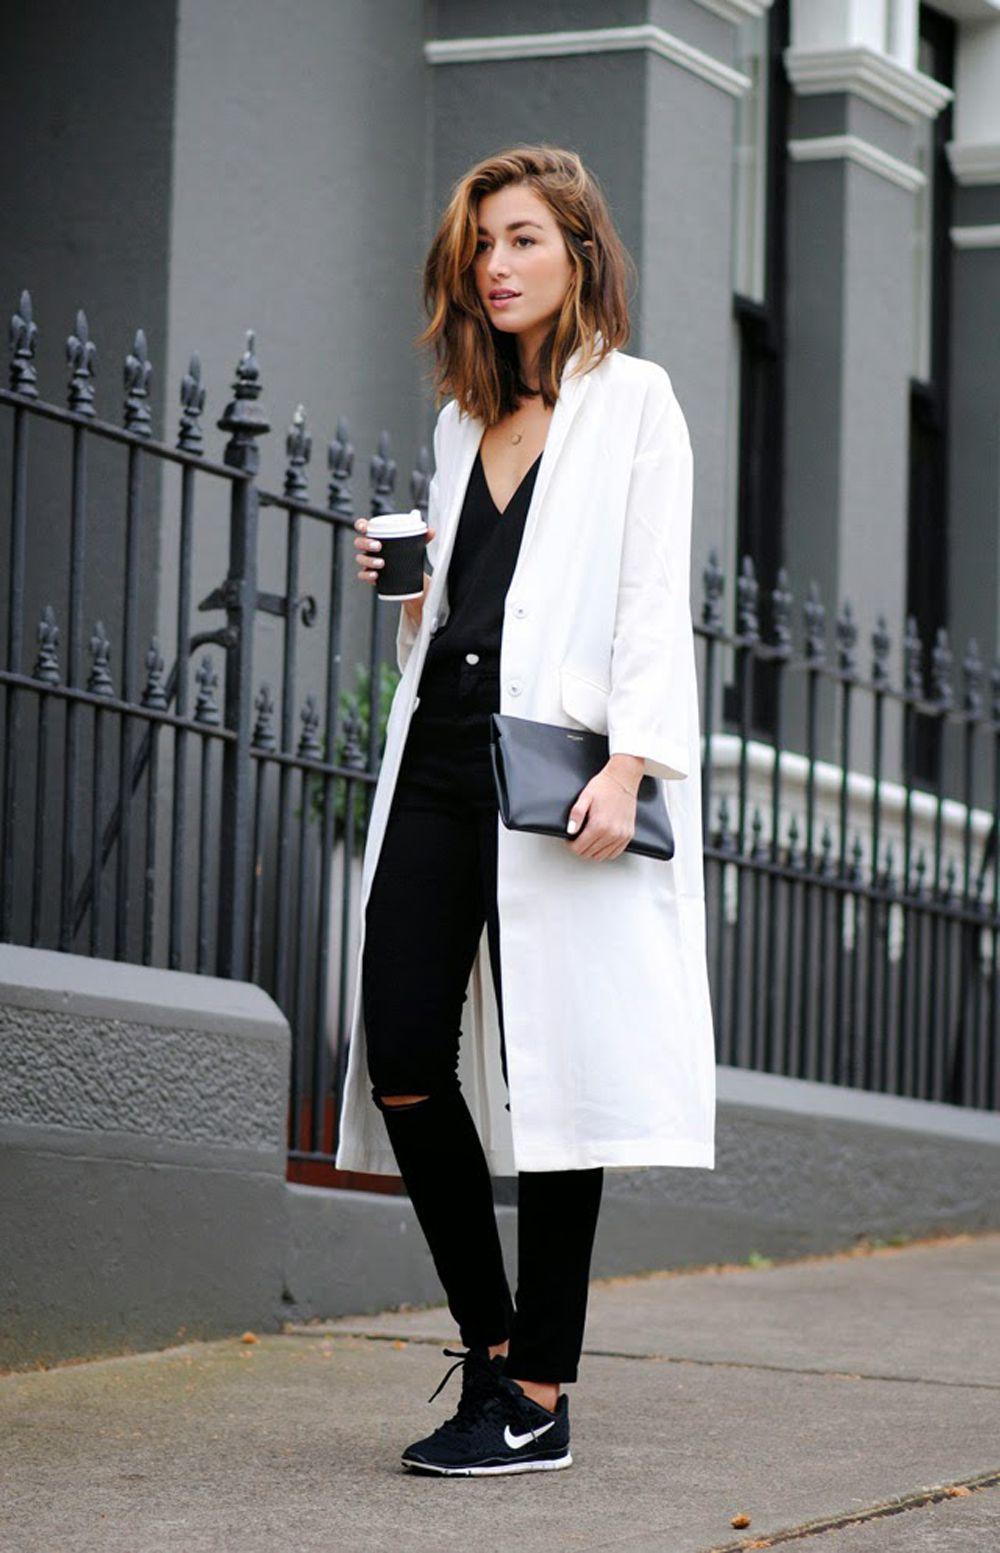 Cappotto bianco  come abbinarlo per un outfit invernale  40fde1f31eb